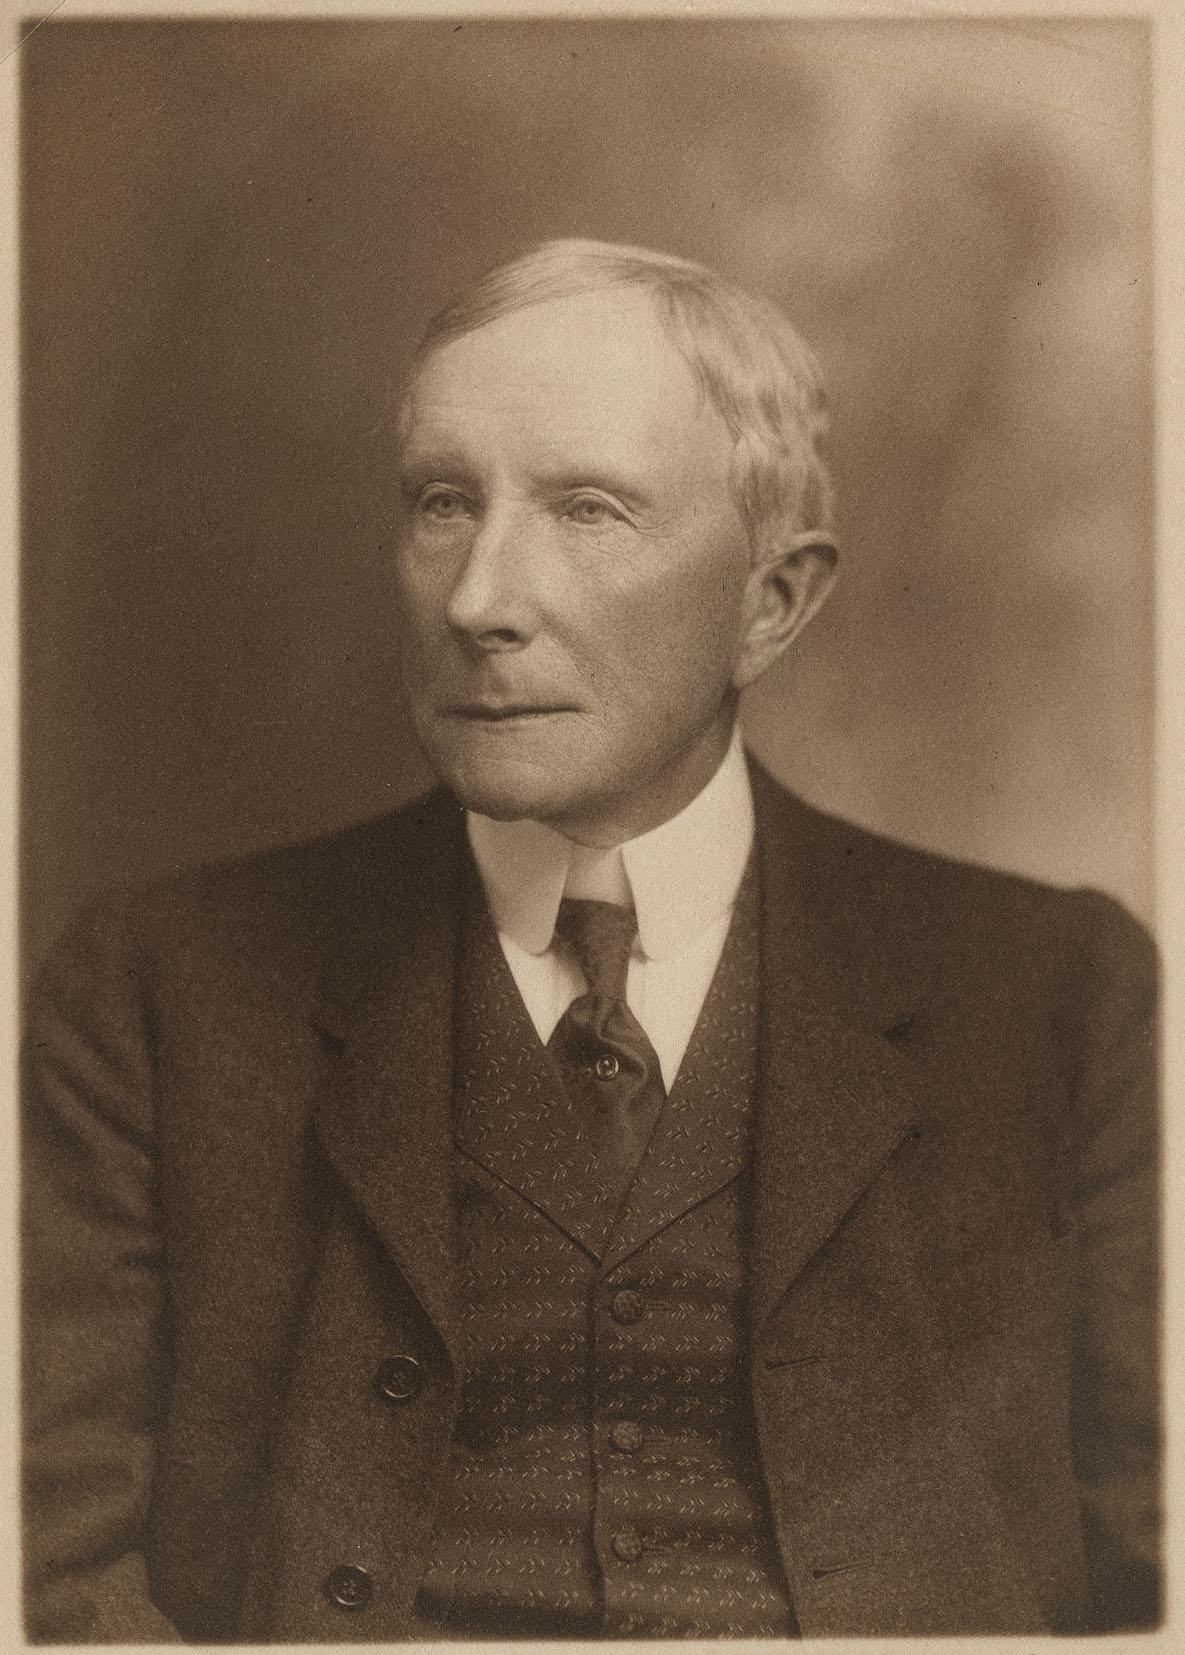 Las decisiones estratégicas de John Rockefeller